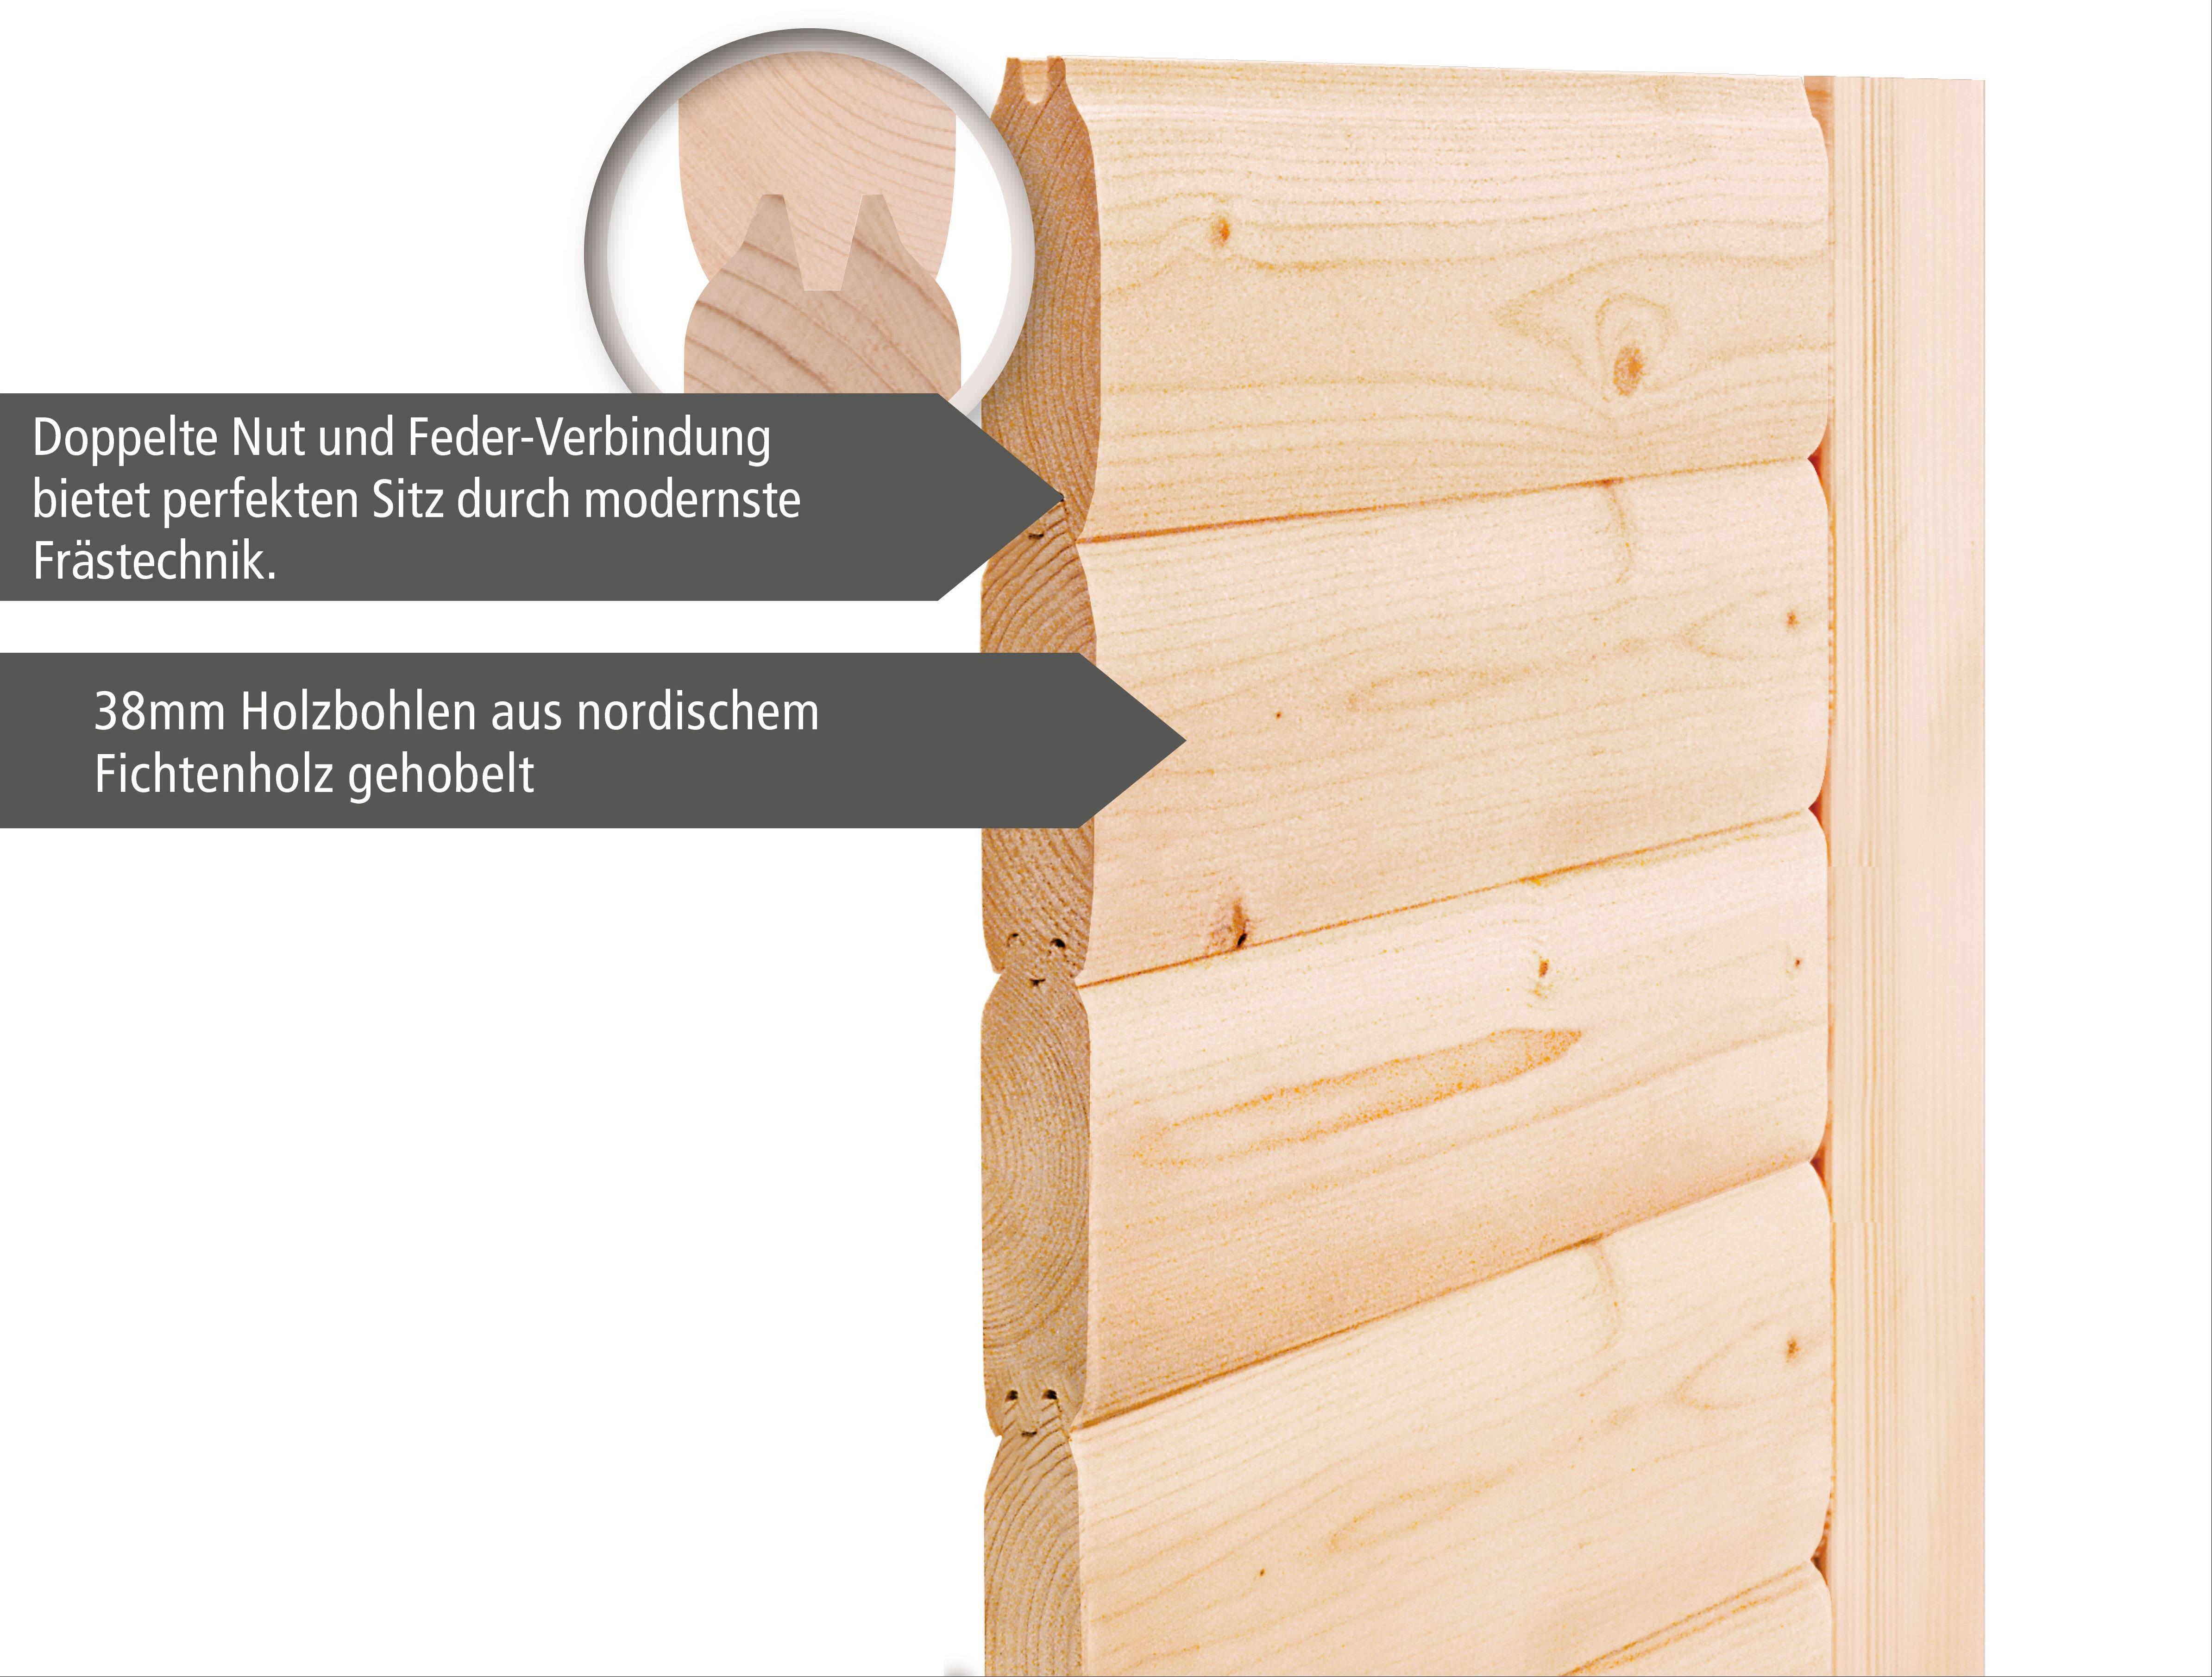 Gartensauna Karibu Saunahaus Kroge 38mm ohne Ofen Tür modern Bild 4